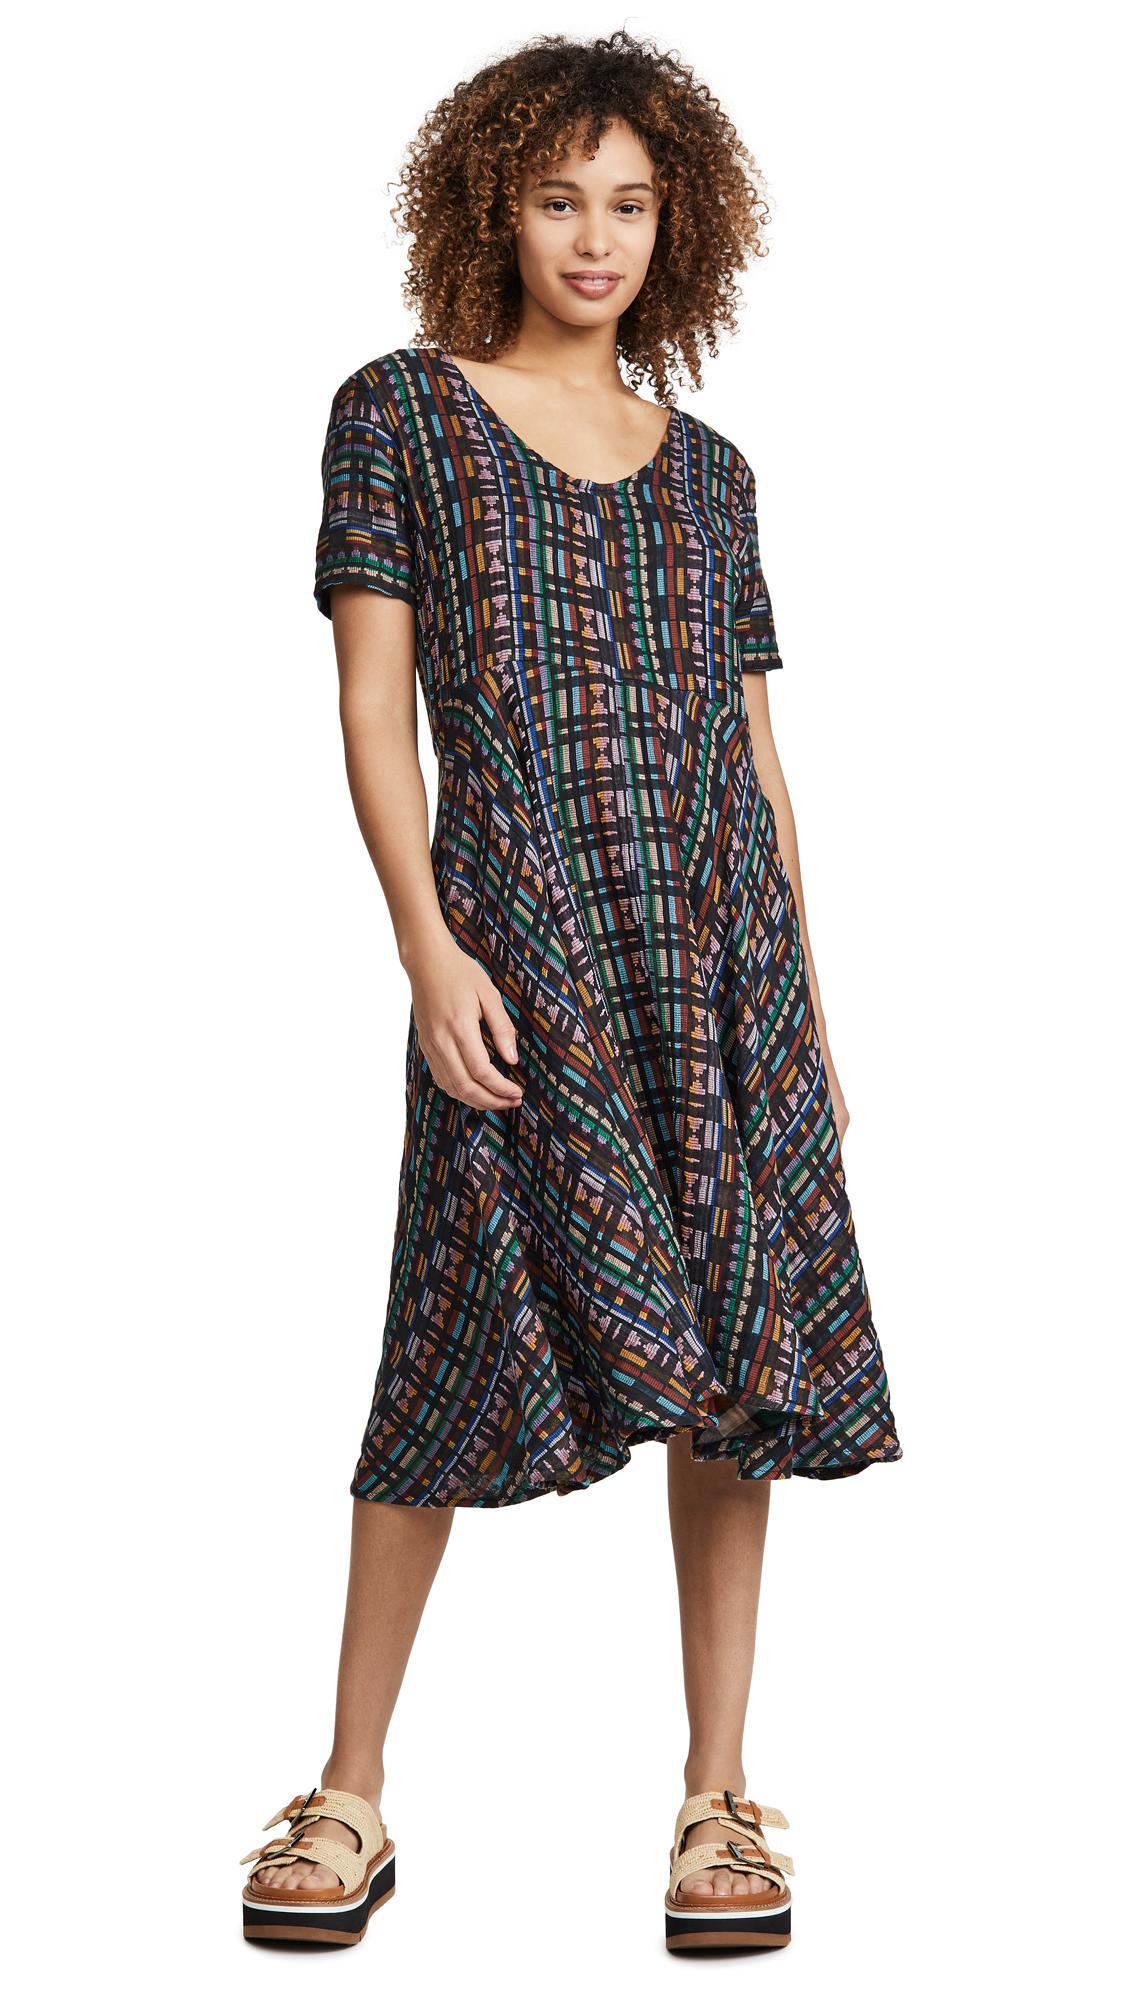 ace & jig Luella Dress - Kaleidoscope